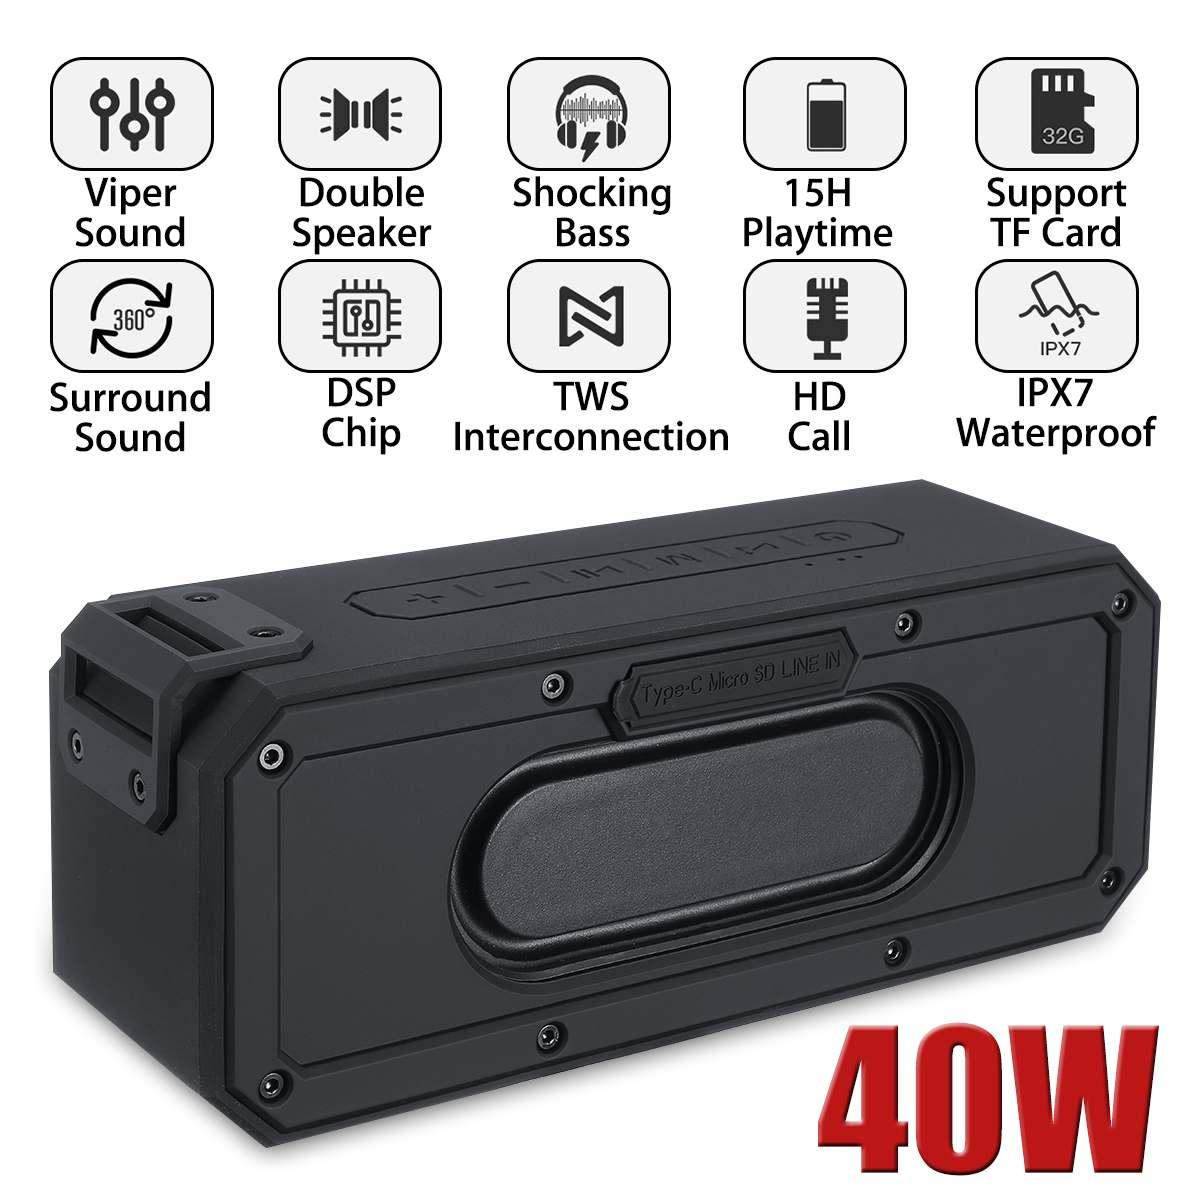 40w coluna de alto-falante bluetooth portátil ipx7 subwoofer à prova dwaterproof água com 360 som estéreo ao ar livre alto-falantes boombox